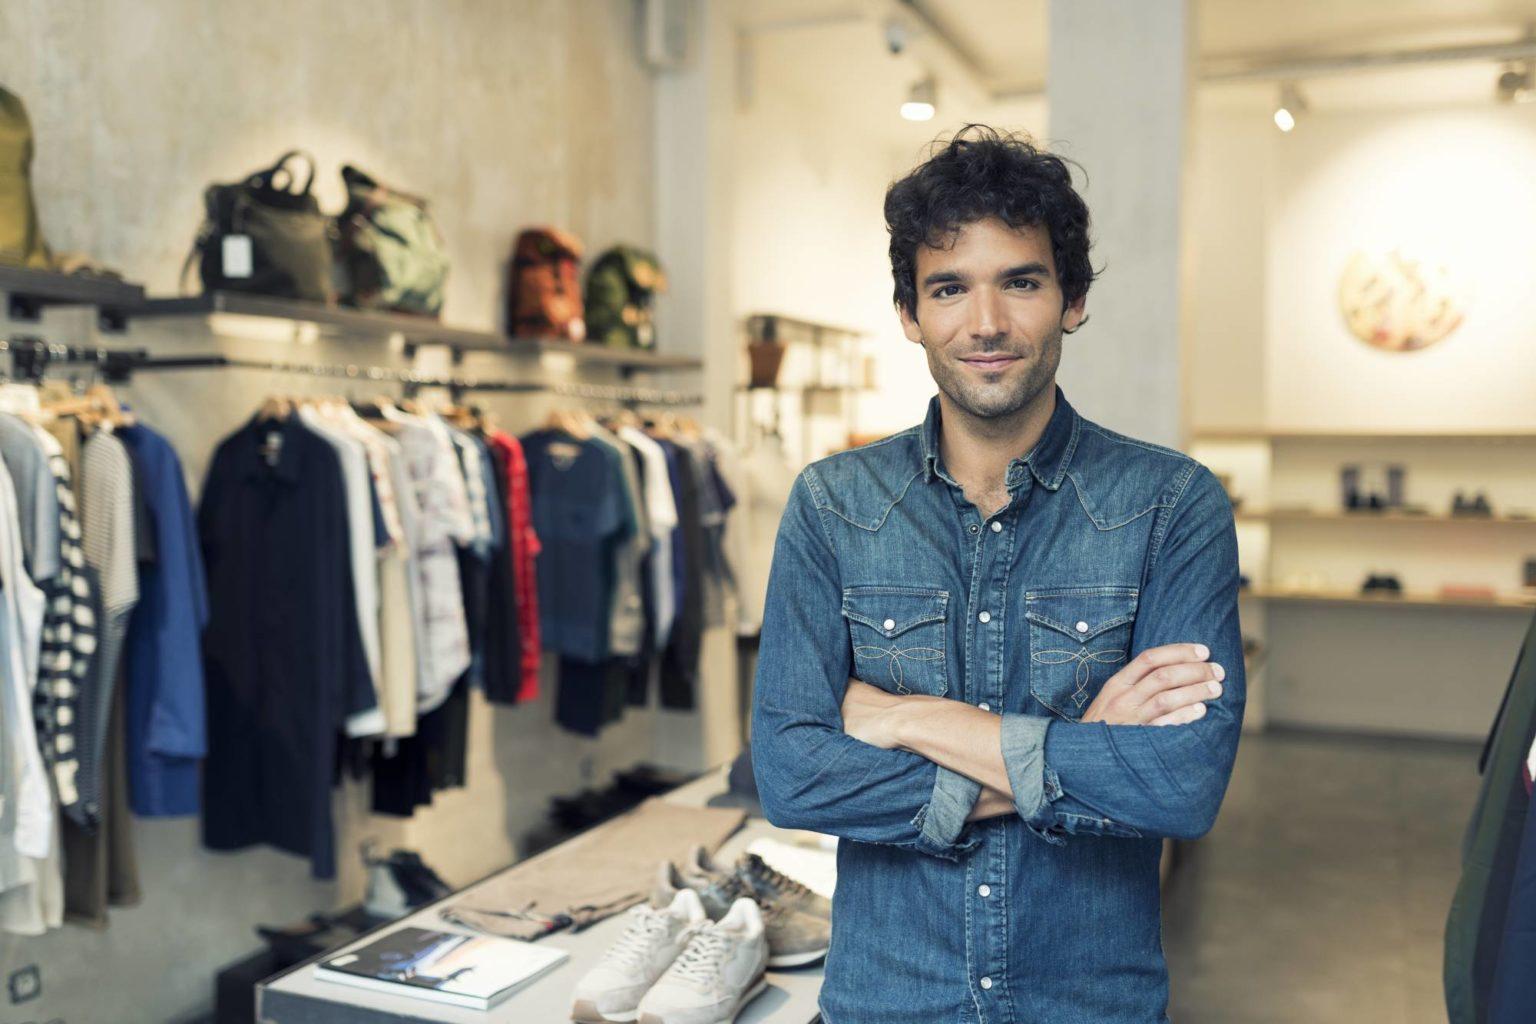 Vente / commerce & services